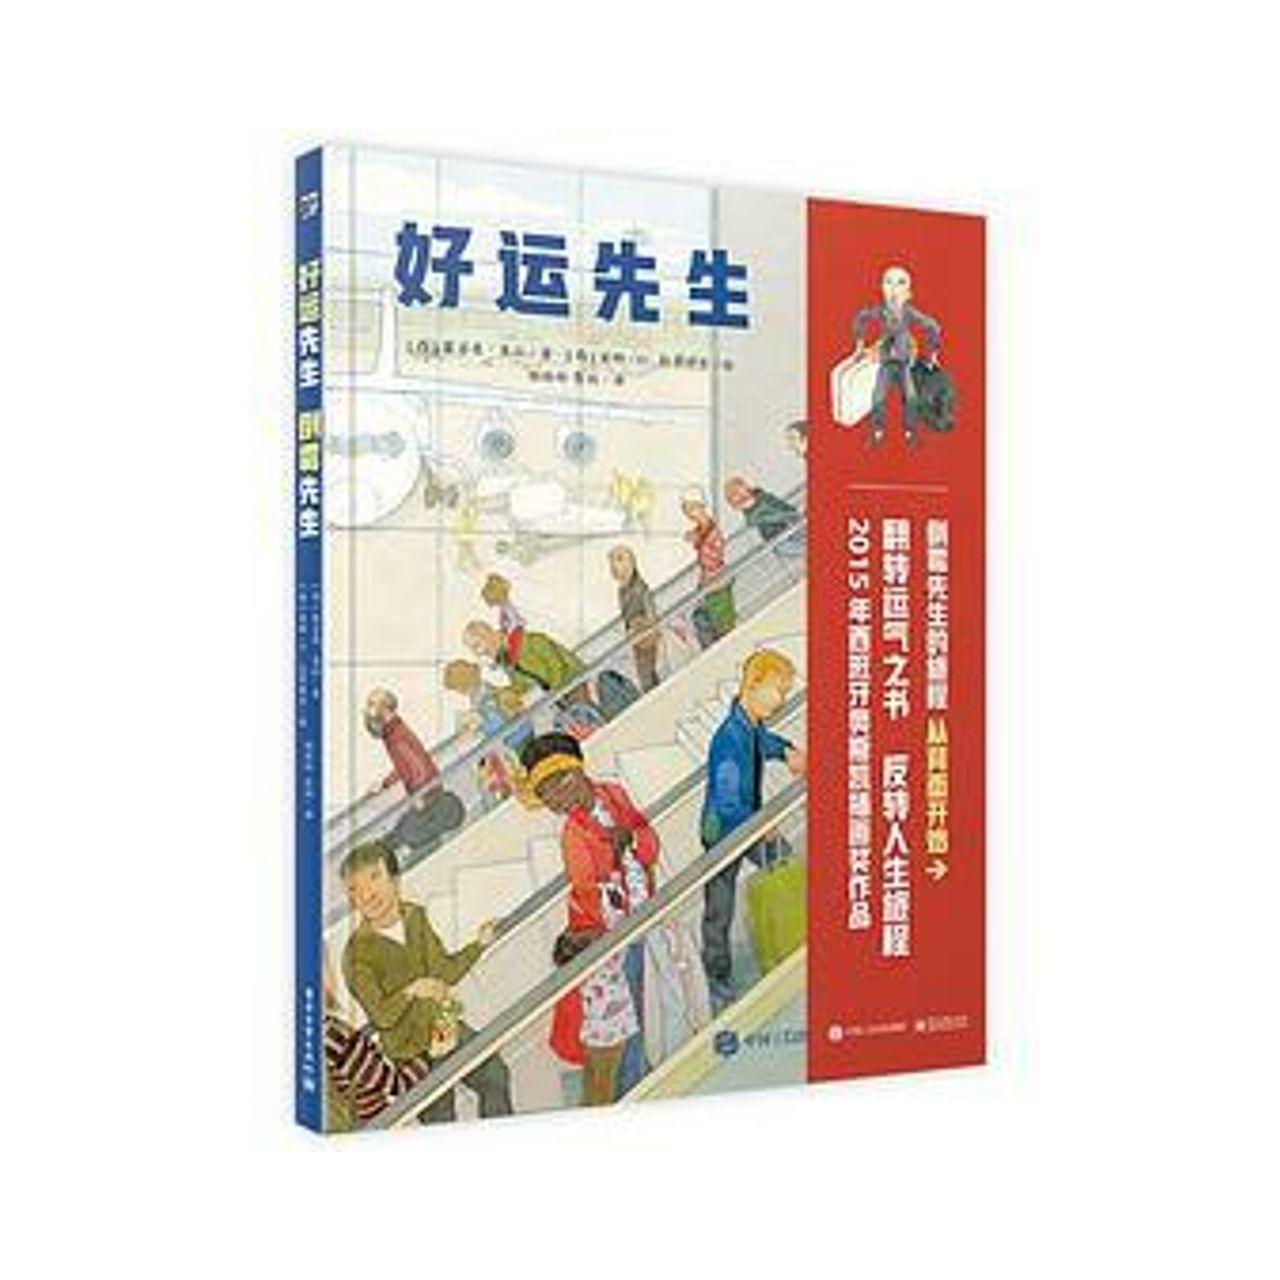 好运先生 倒霉先生 【儿童绘本/翻译绘本/有趣故事】